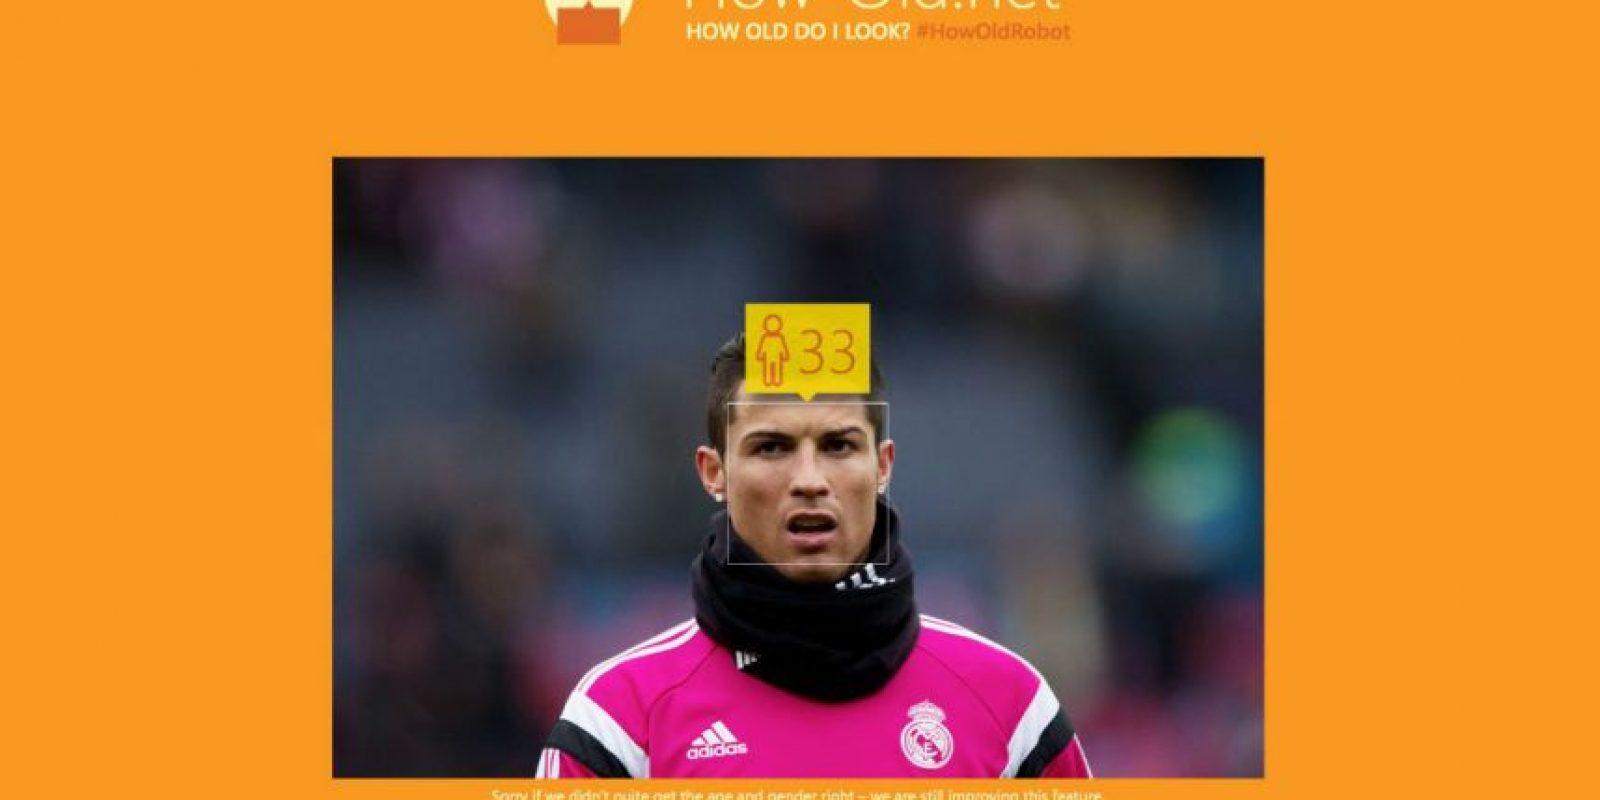 Cristiano Ronaldo, futbolista portugués del Real Madrid, tiene 30 años de edad. Foto:how-old.net